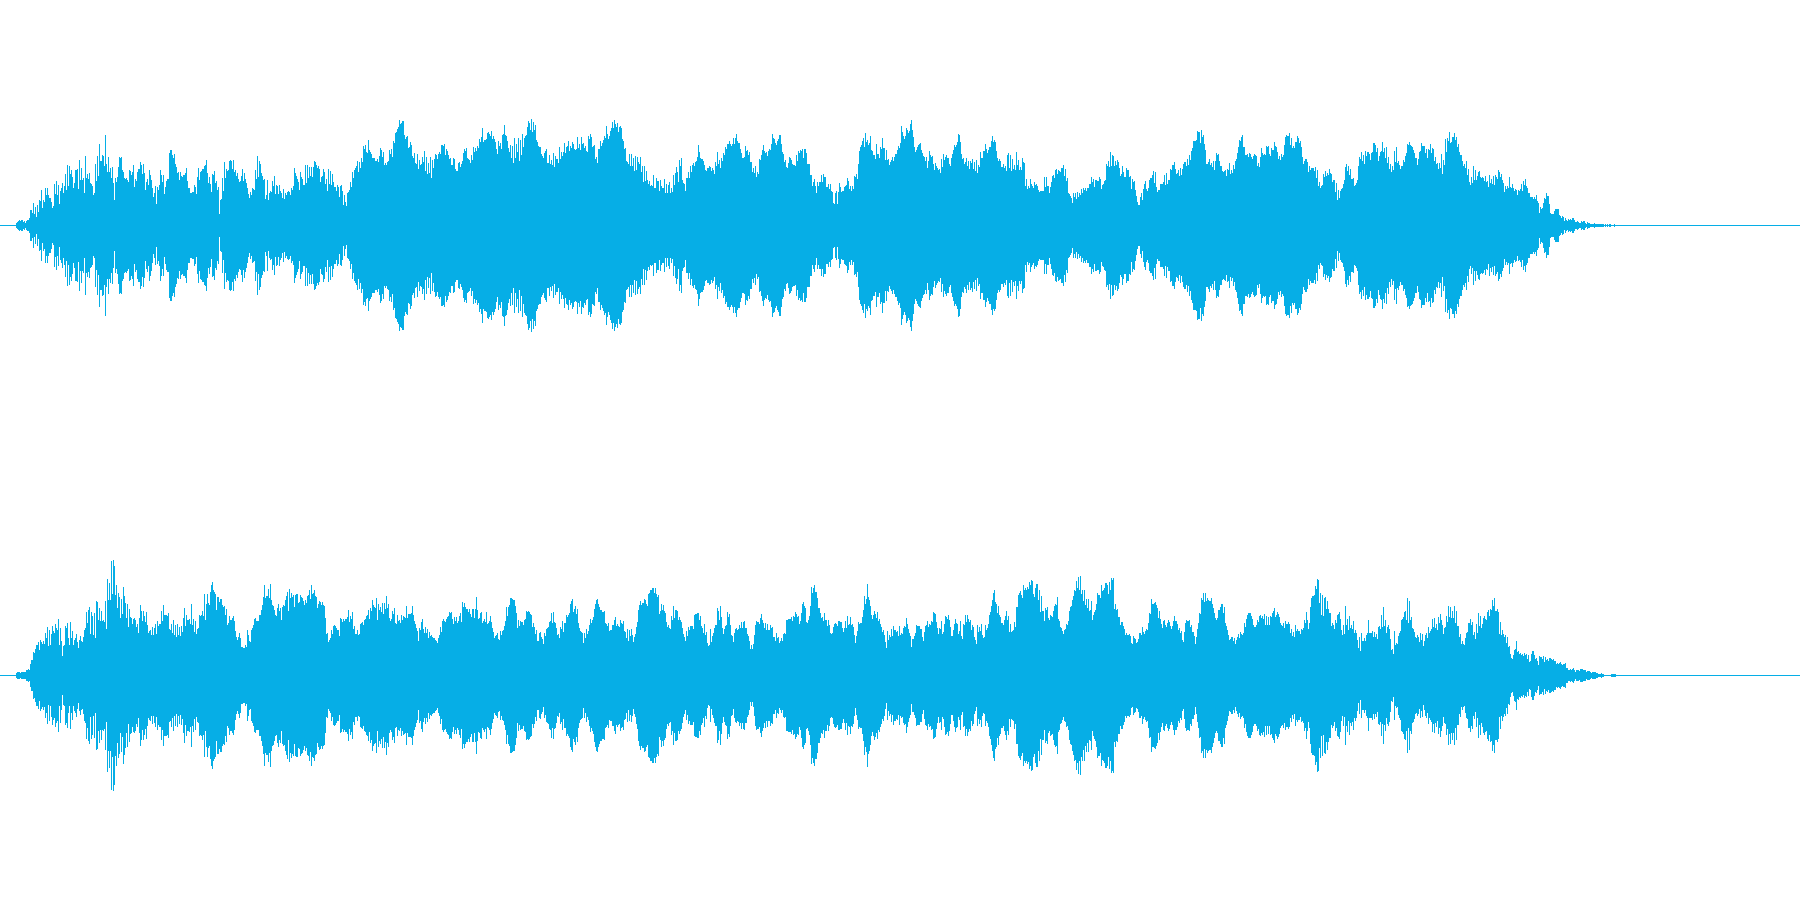 汽笛の音圧ラジオ・TV規格の再生済みの波形